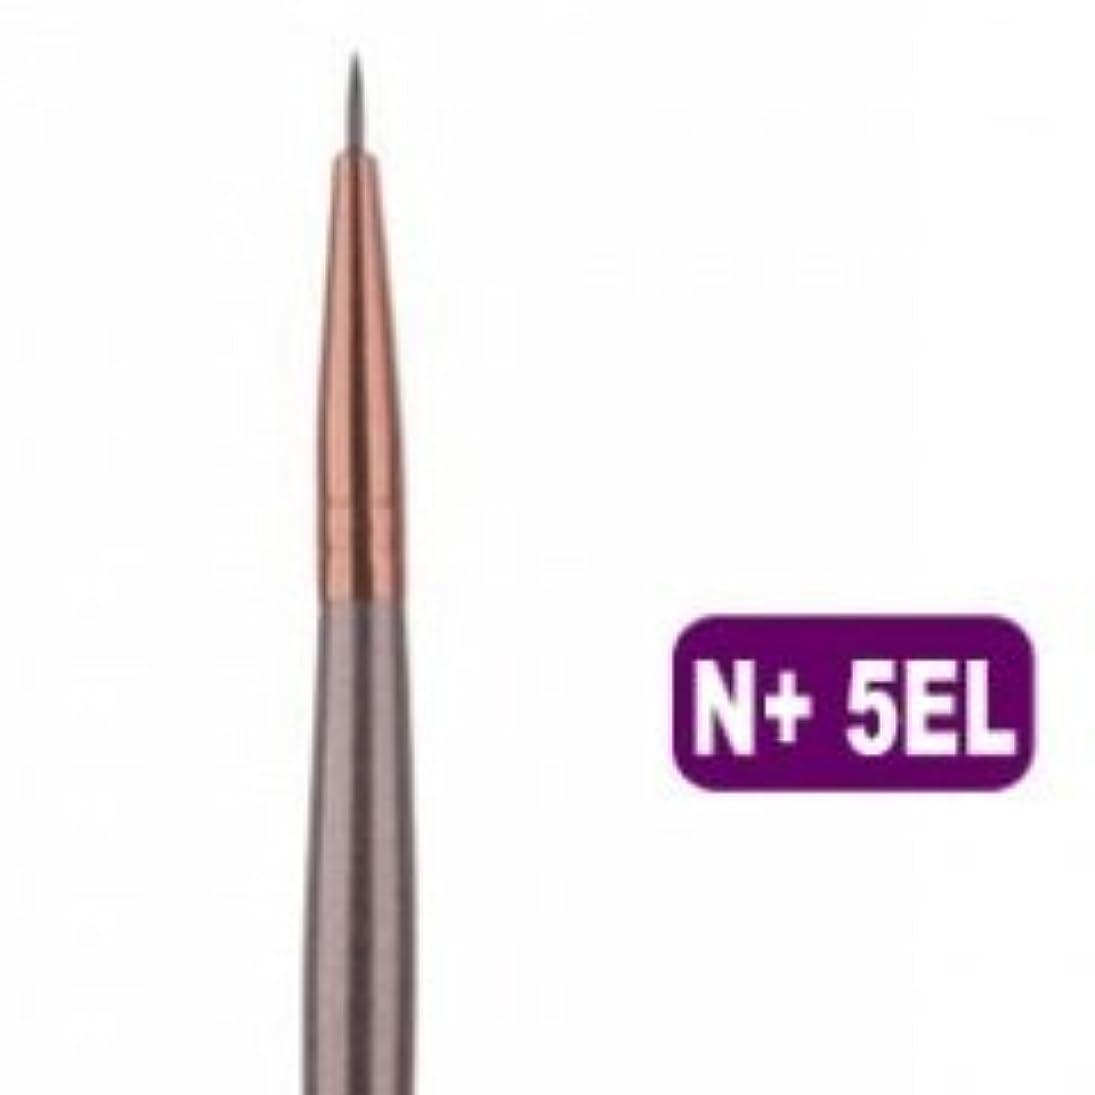 下手葉を拾う満州メイクブラシ 化粧筆 アイラインブラシ 極細 N+ 5EL